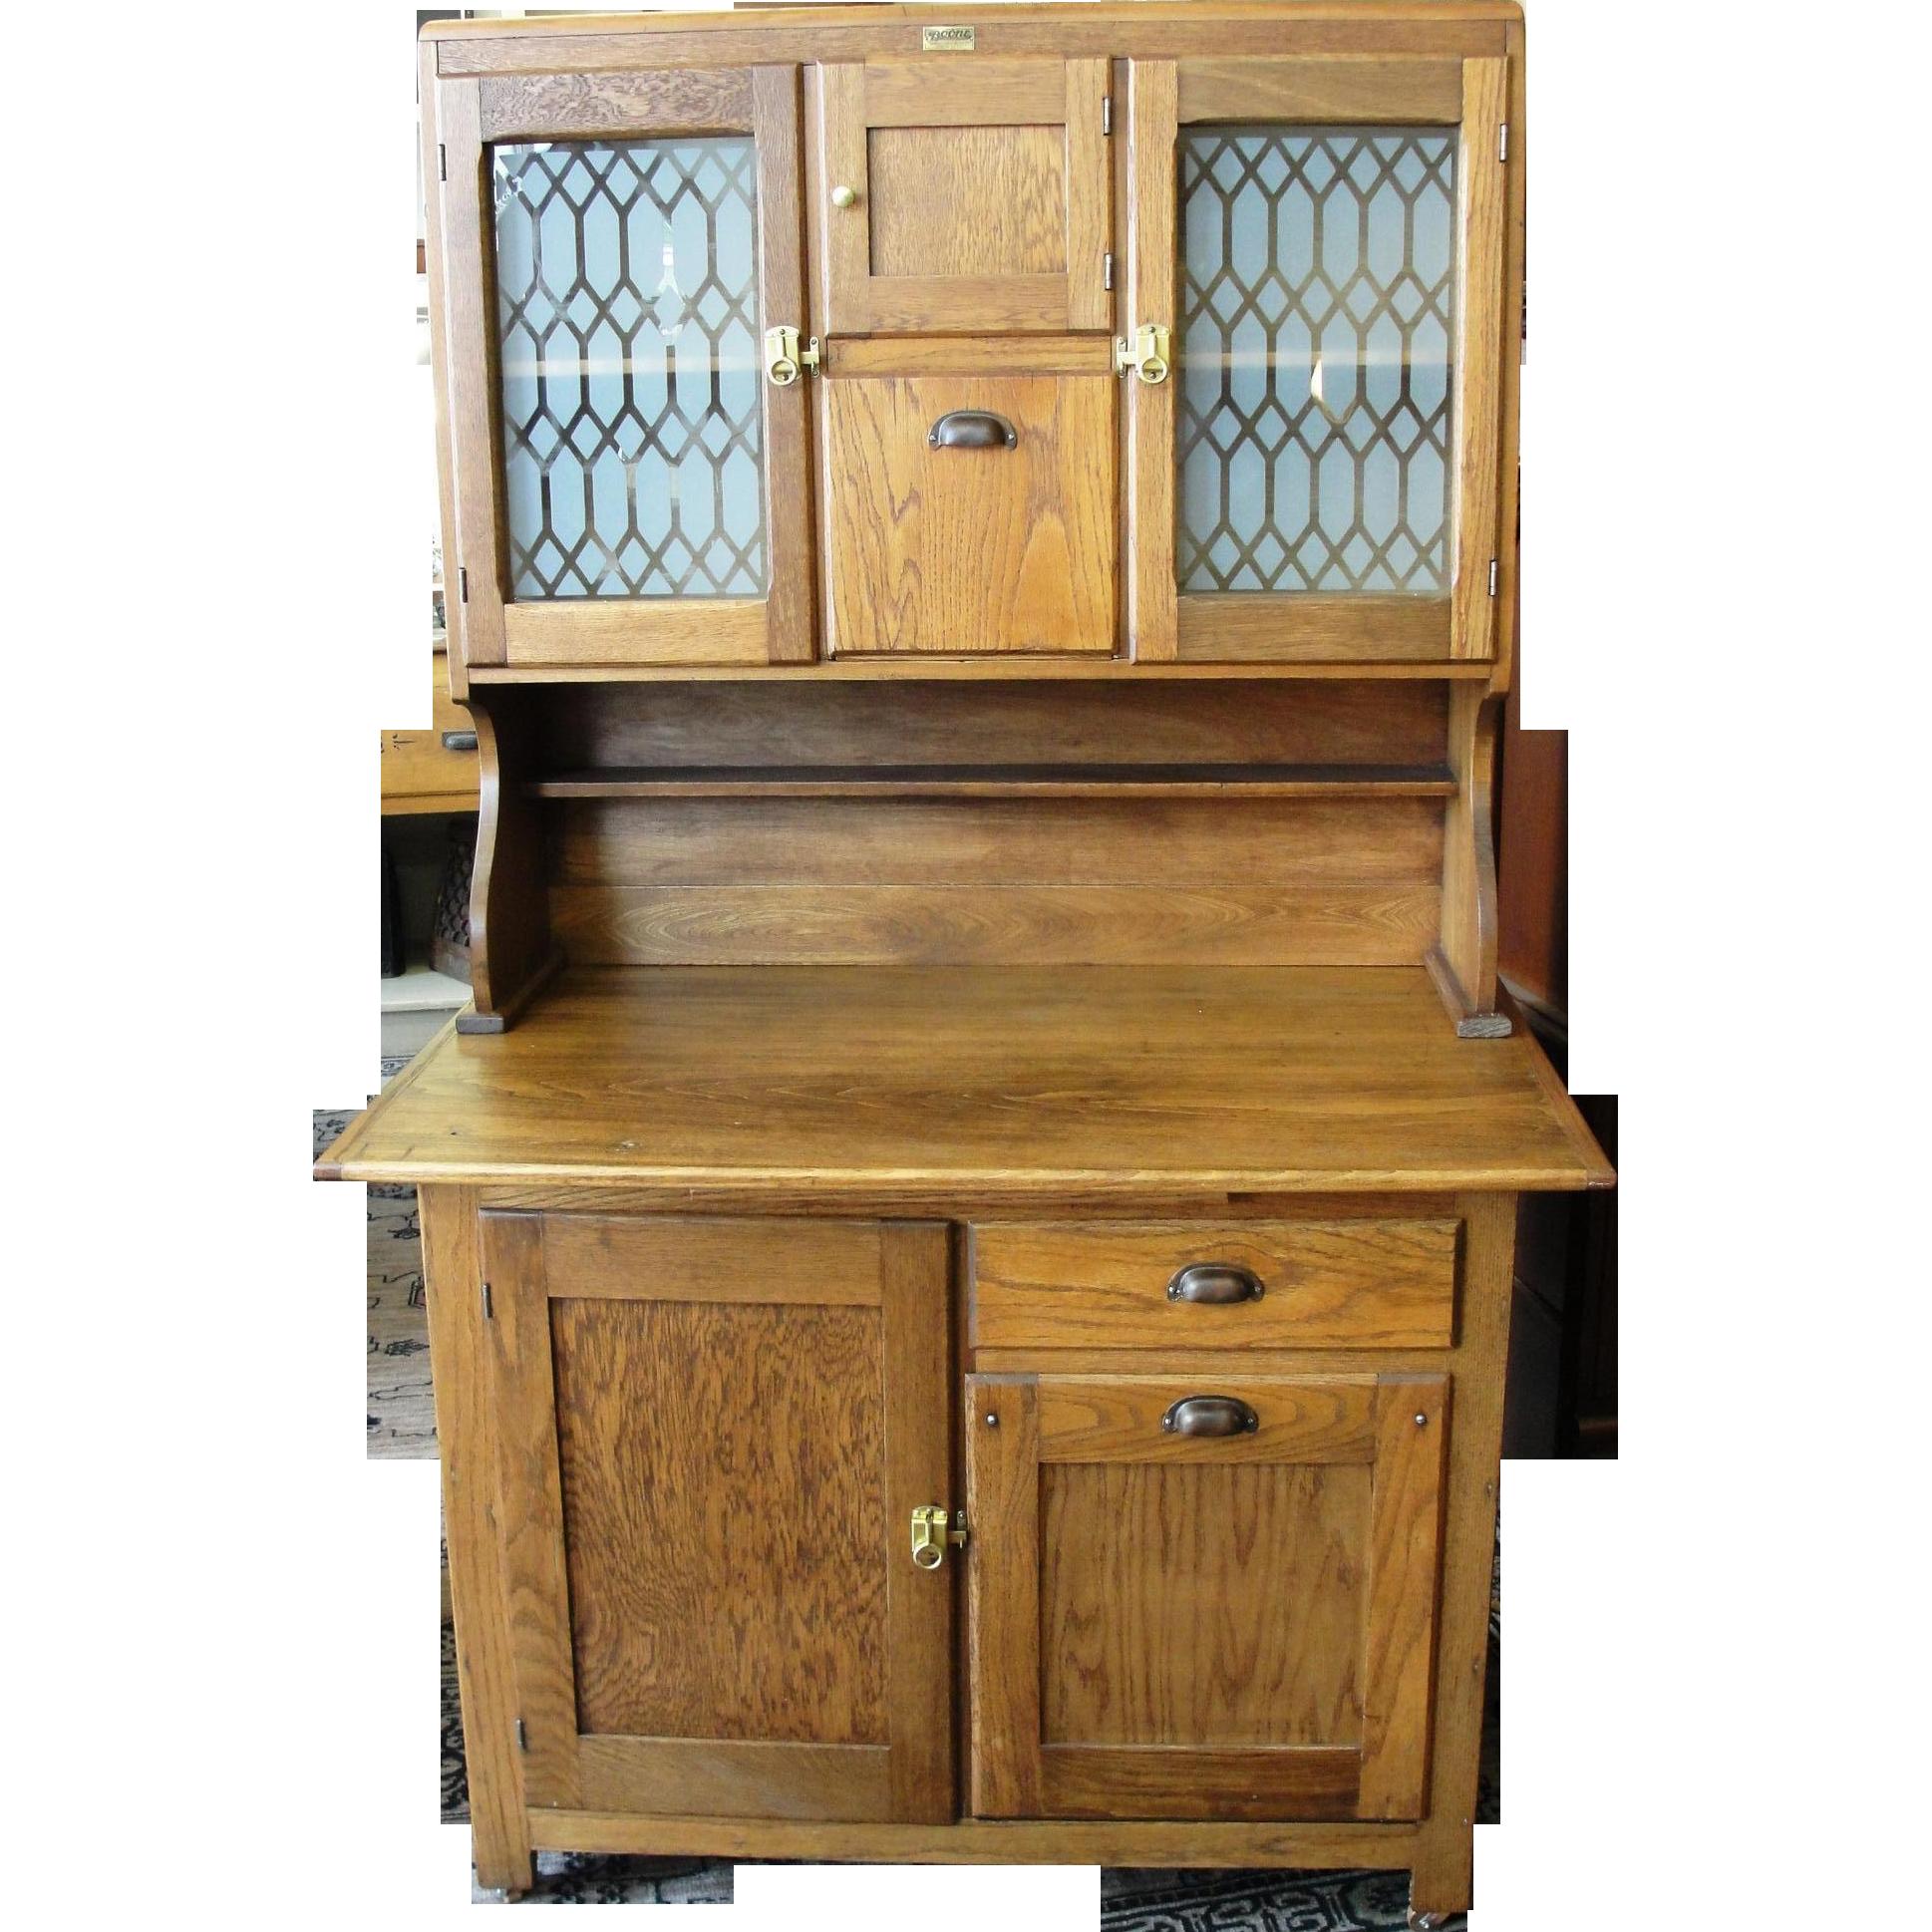 Vintage Wood Kitchen Cabinets Antique Kitchen Cabinets With Flour Bin Antiqued Kitchen Cabinets Oak Sideboard Antique Kitchen Cabinets Antique White Kitchen